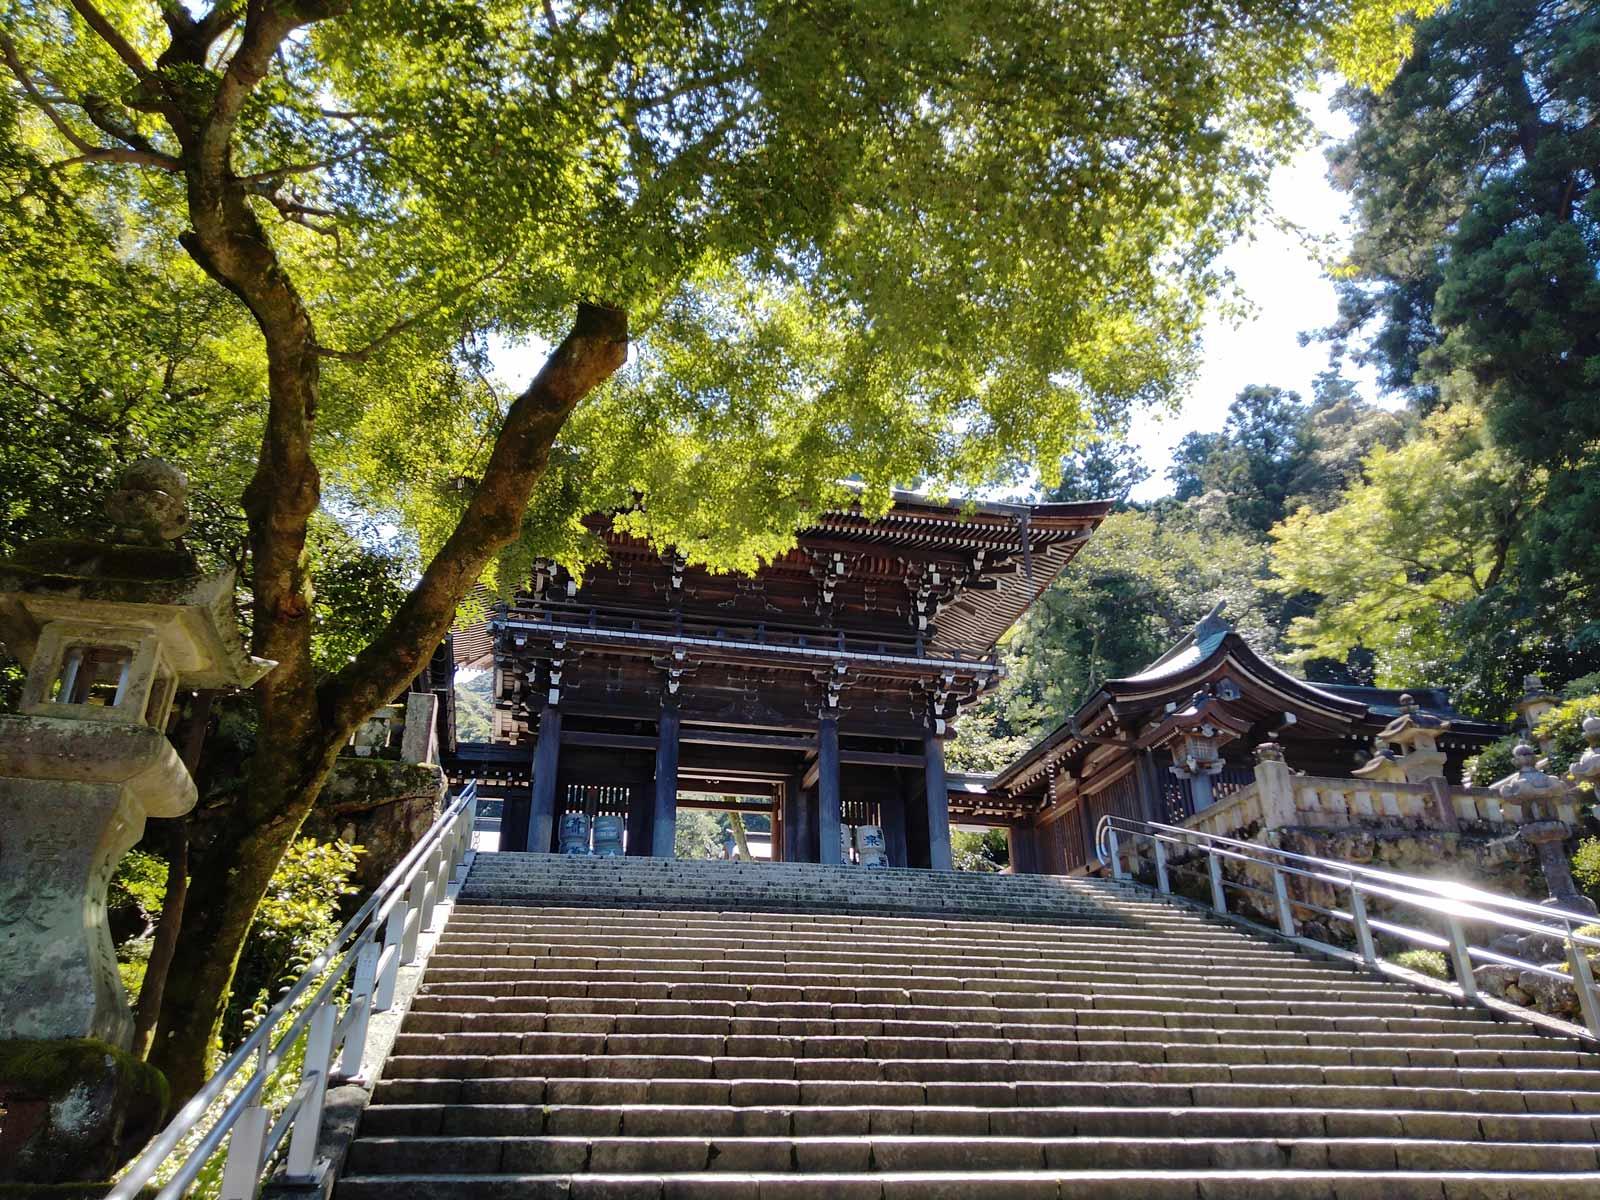 岐阜のパワースポットで自然を味わえる場所と言えば伊奈波神社